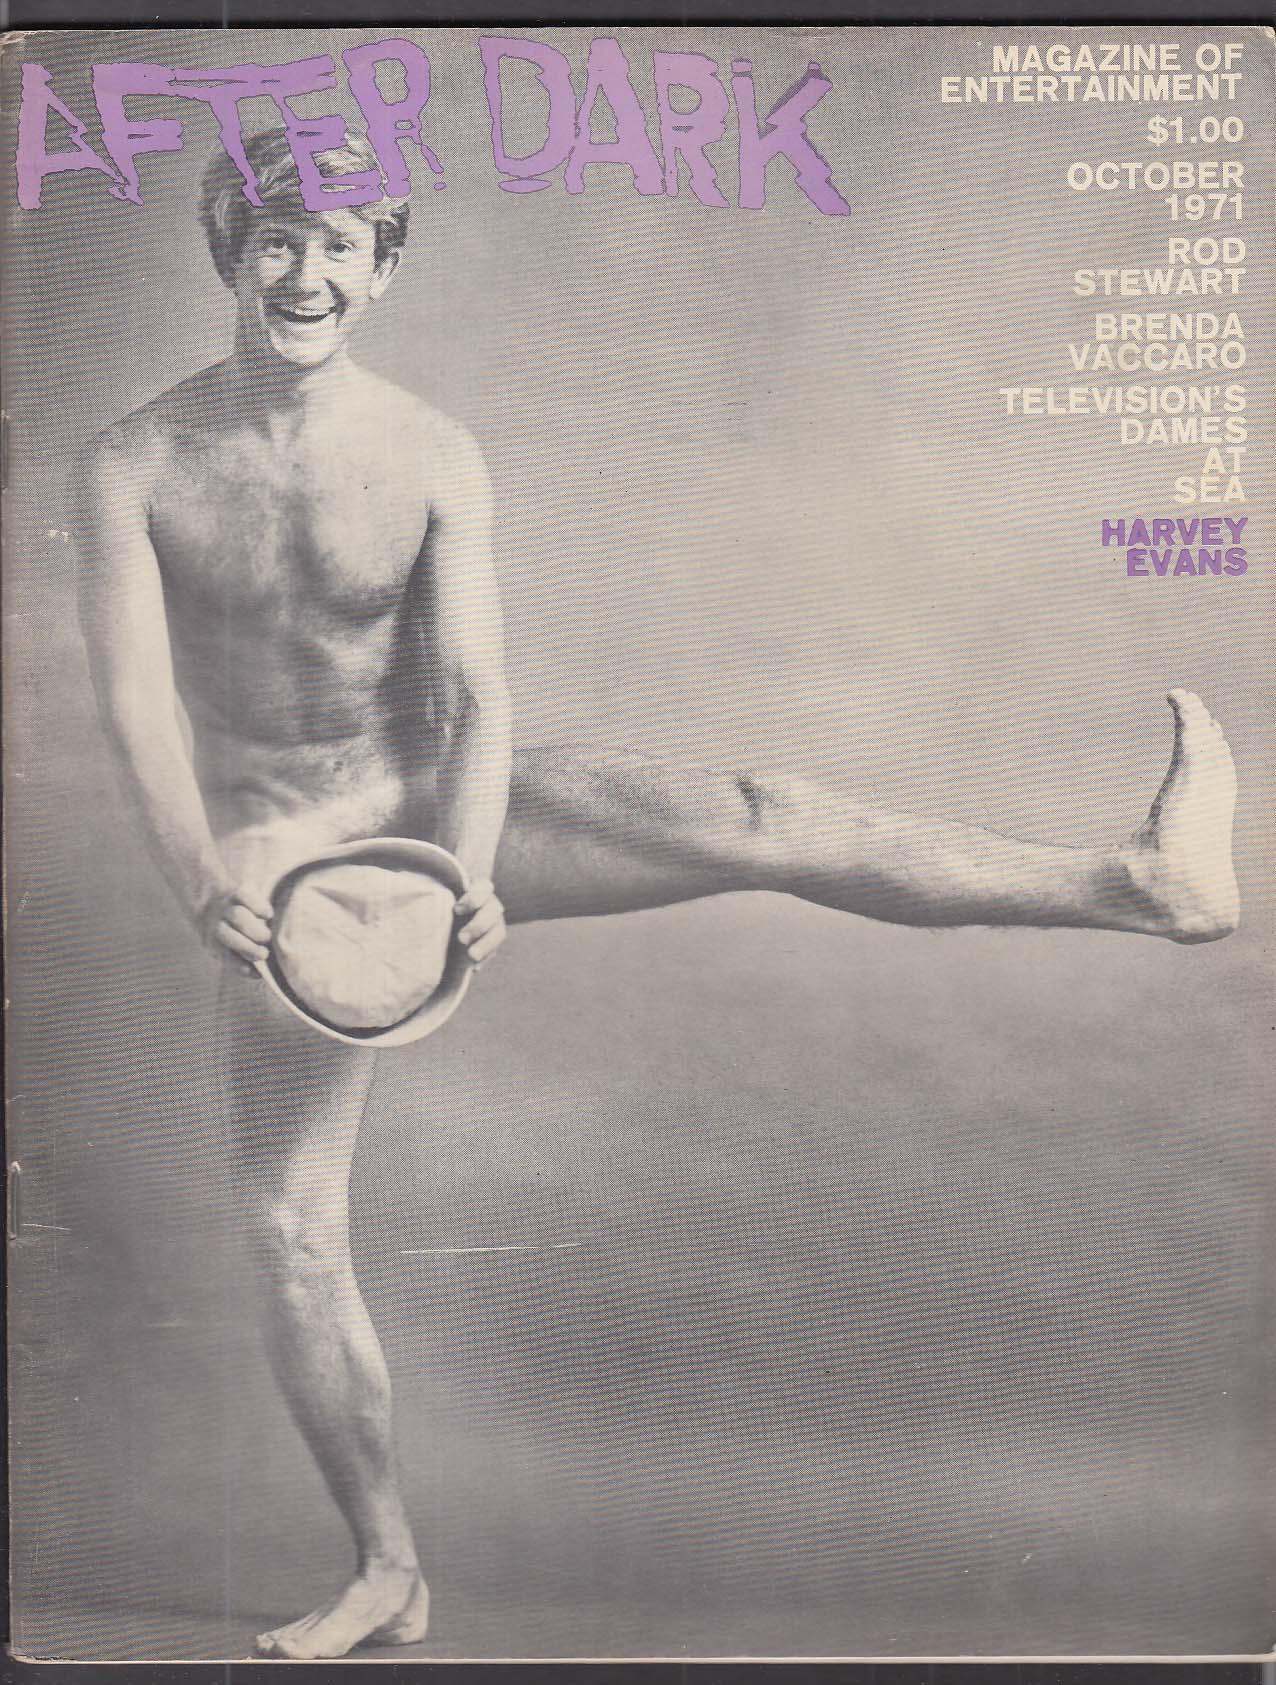 AFTER DARK Harvey Evans Rod Stewart Brenda Vaccaro + 10 1971